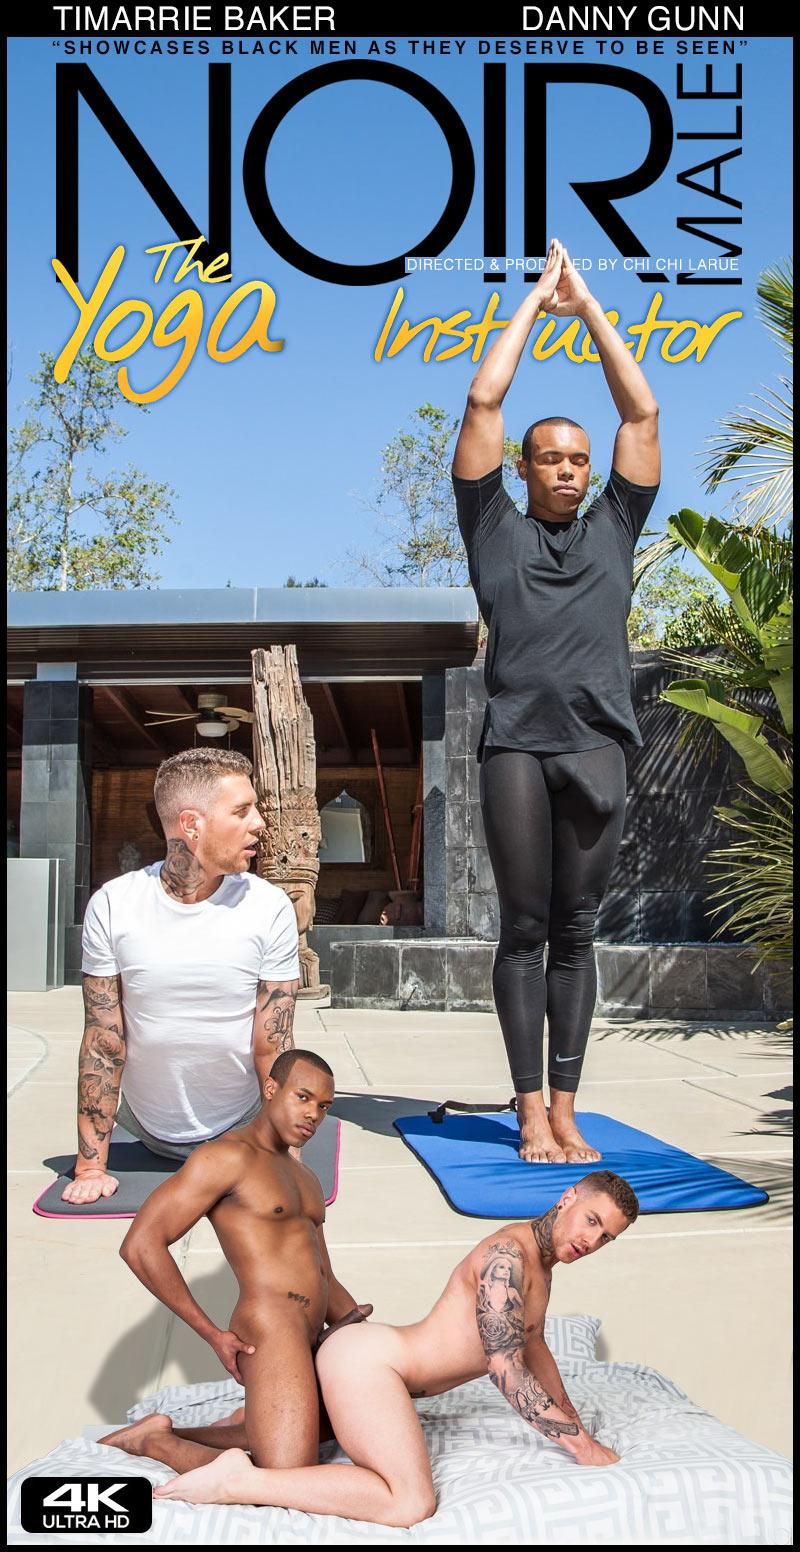 The Yoga Instructor (Timarrie Baker Fucks Danny Gunn) at Noir Male